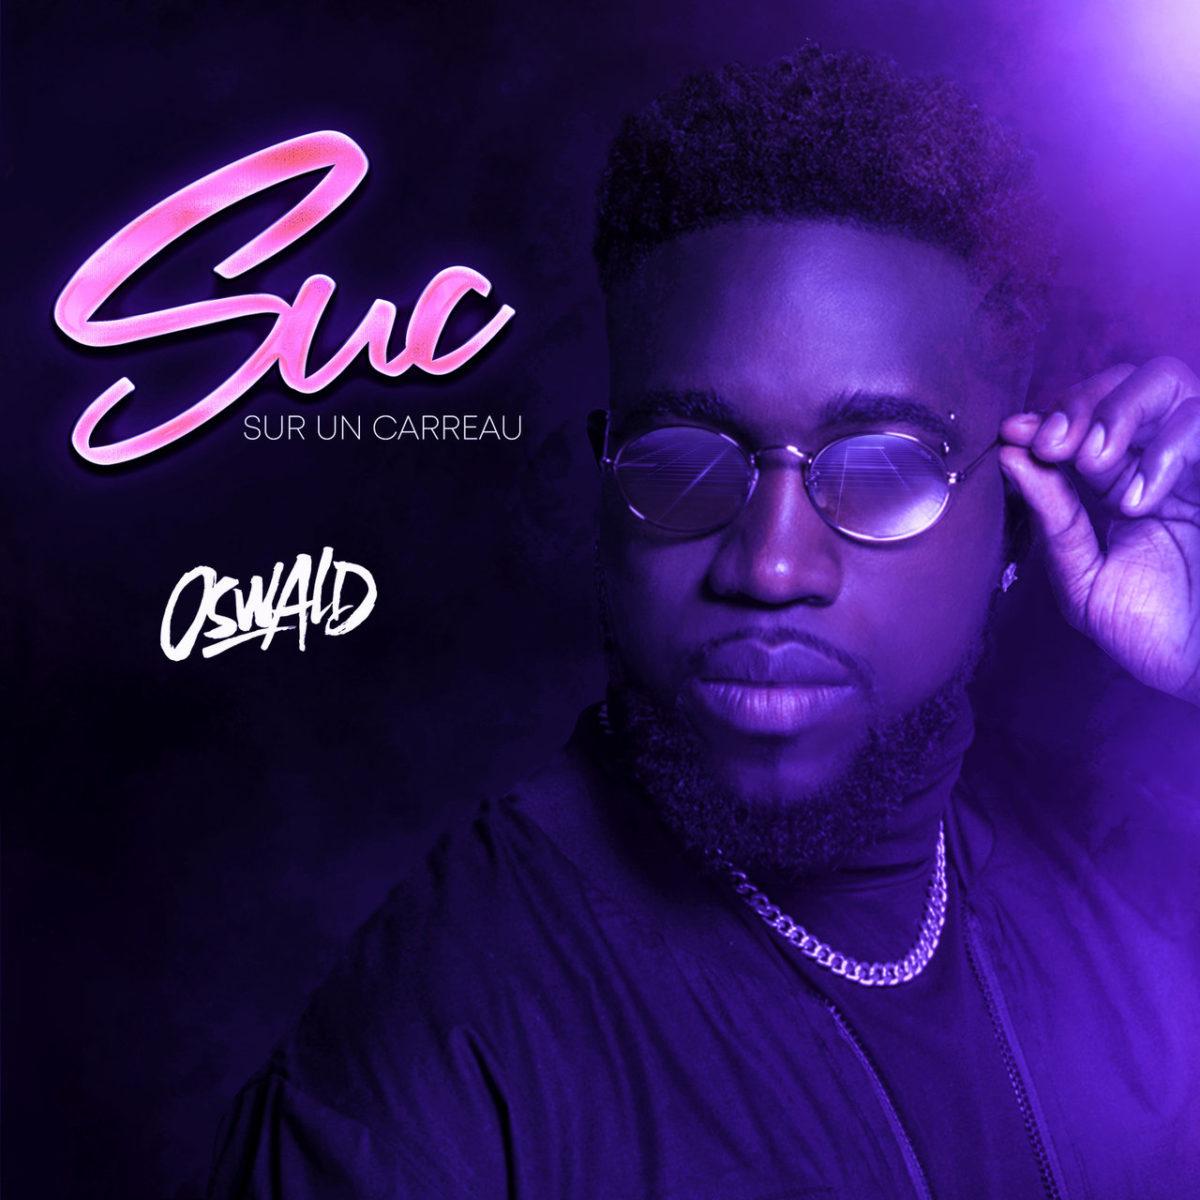 Oswald - SUC (Sur Un Carreau) (Cover)